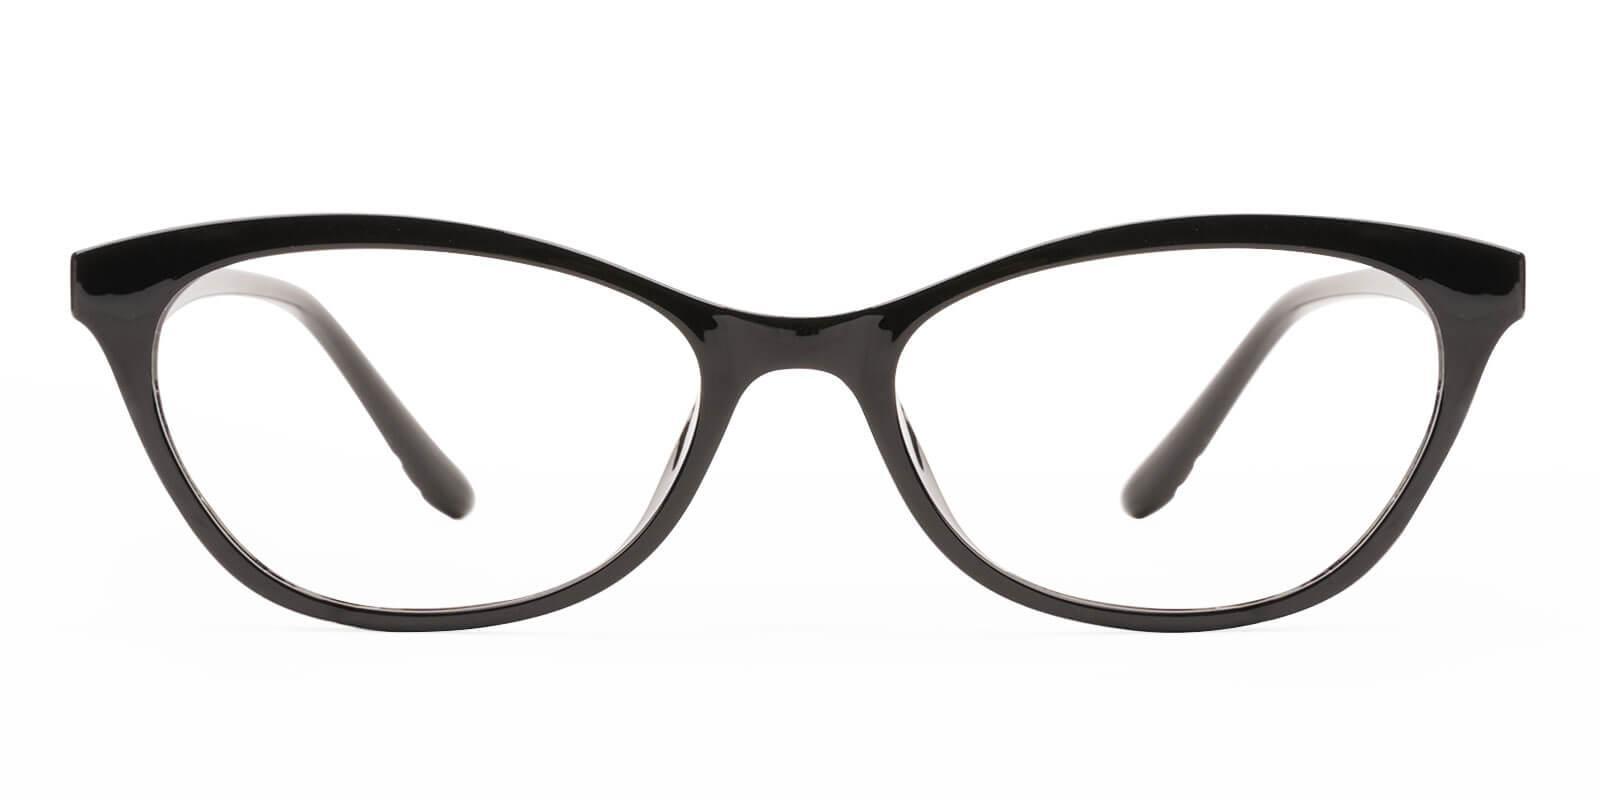 Arya Black TR Eyeglasses , UniversalBridgeFit Frames from ABBE Glasses